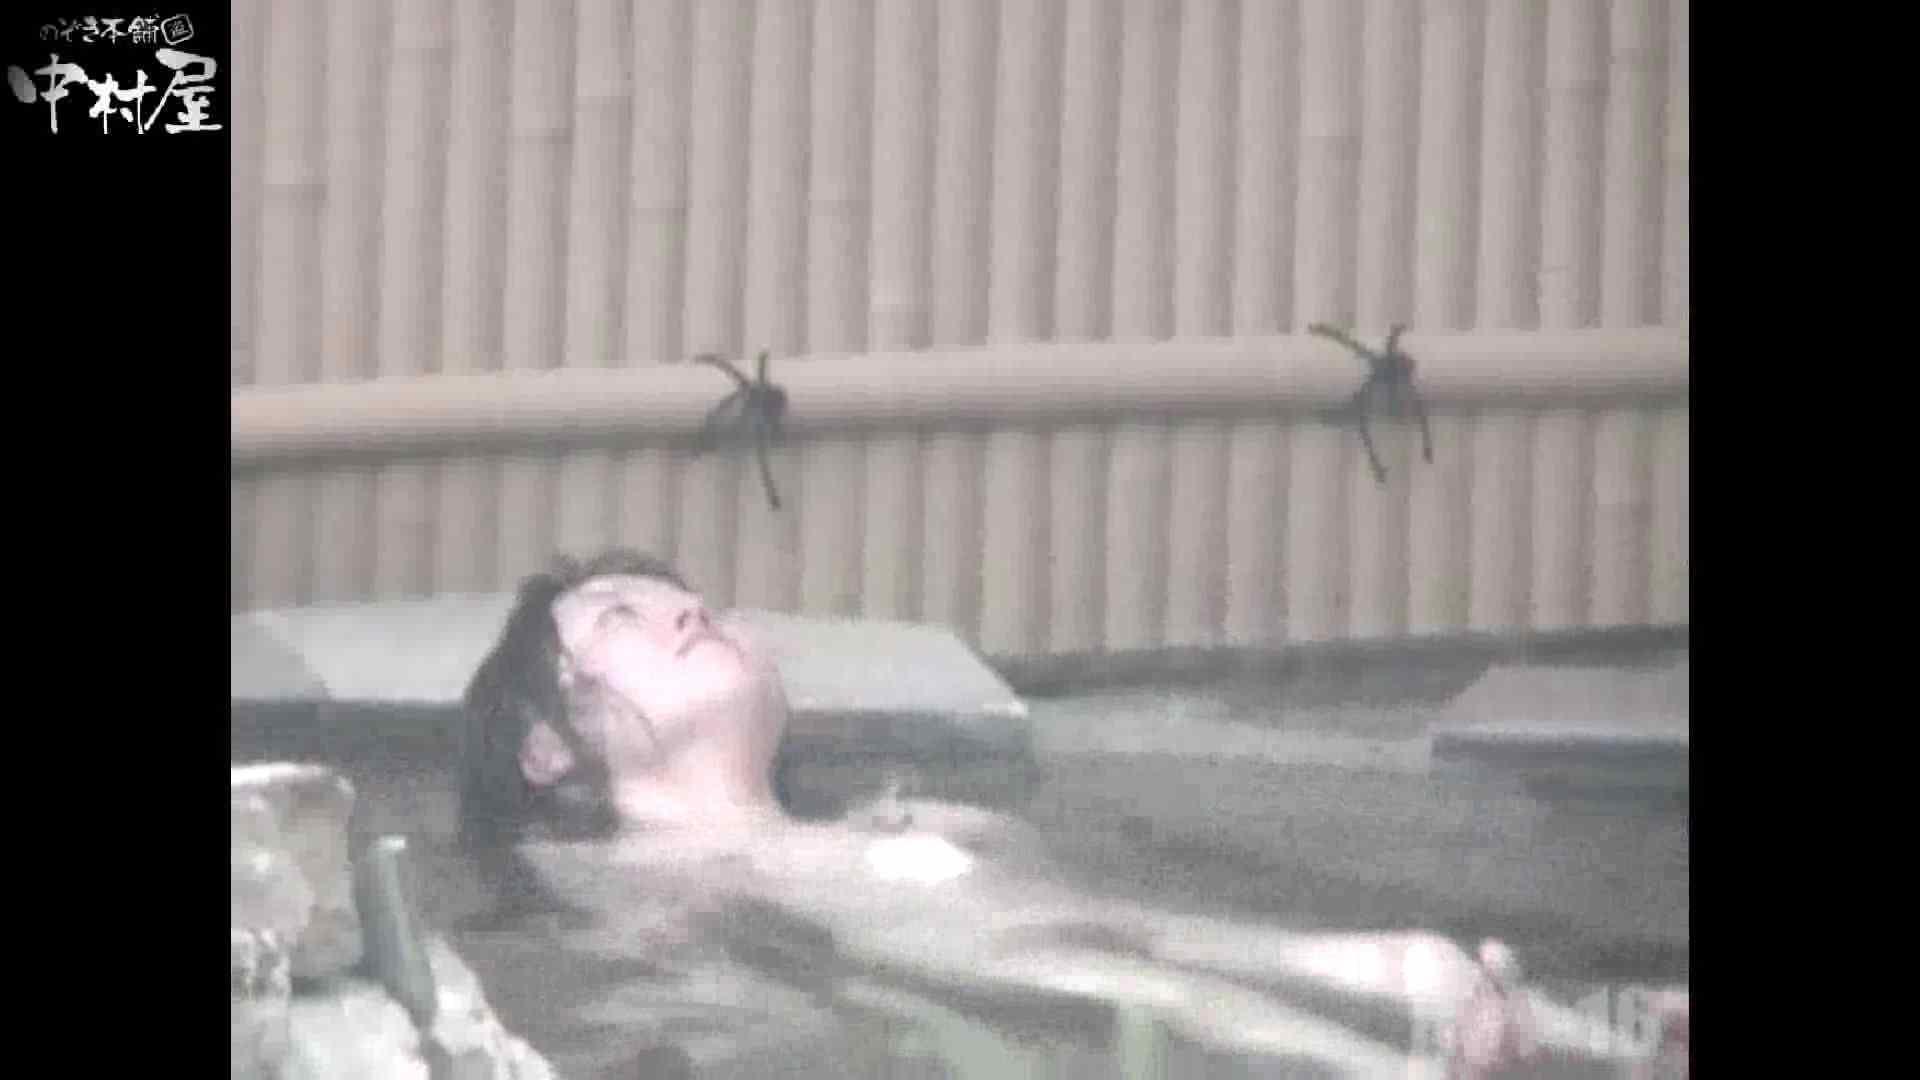 Aquaな露天風呂Vol.880潜入盗撮露天風呂十六判湯 其の八 露天風呂編  99PIX 57